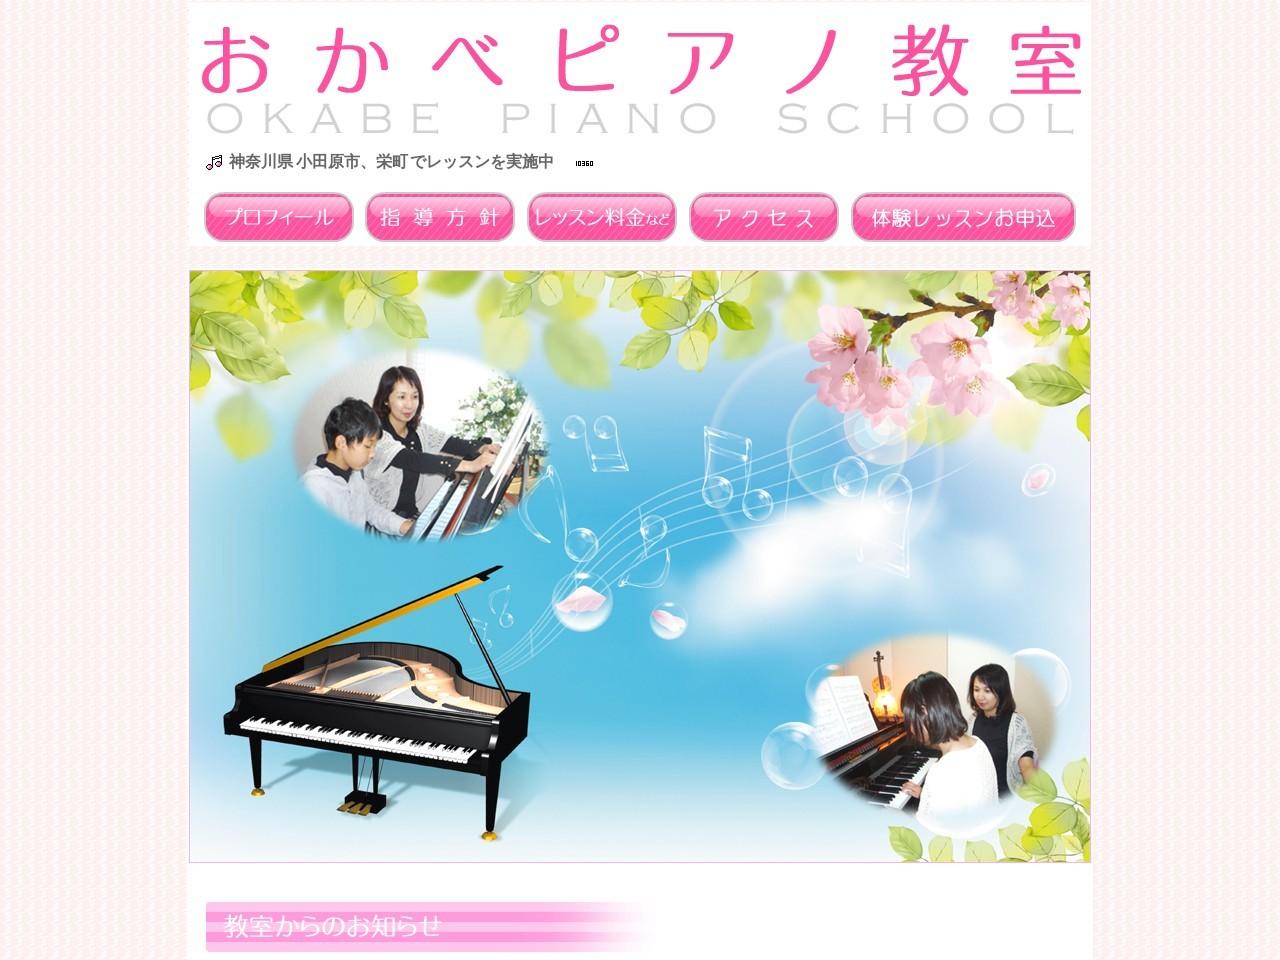 おかべピアノ教室のサムネイル